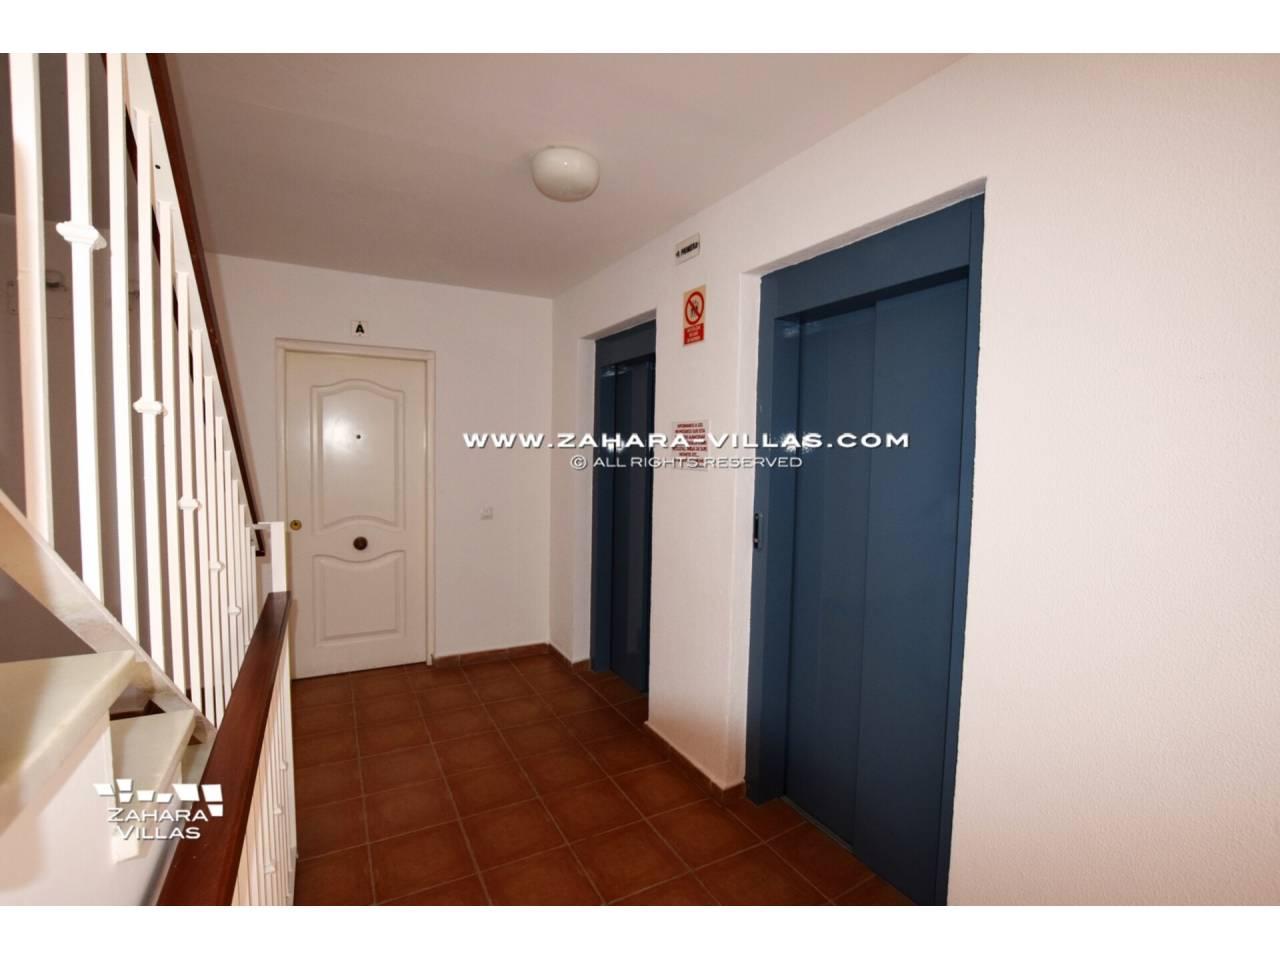 Imagen 23 de Apartamento en Urbanización Zahara-Mar